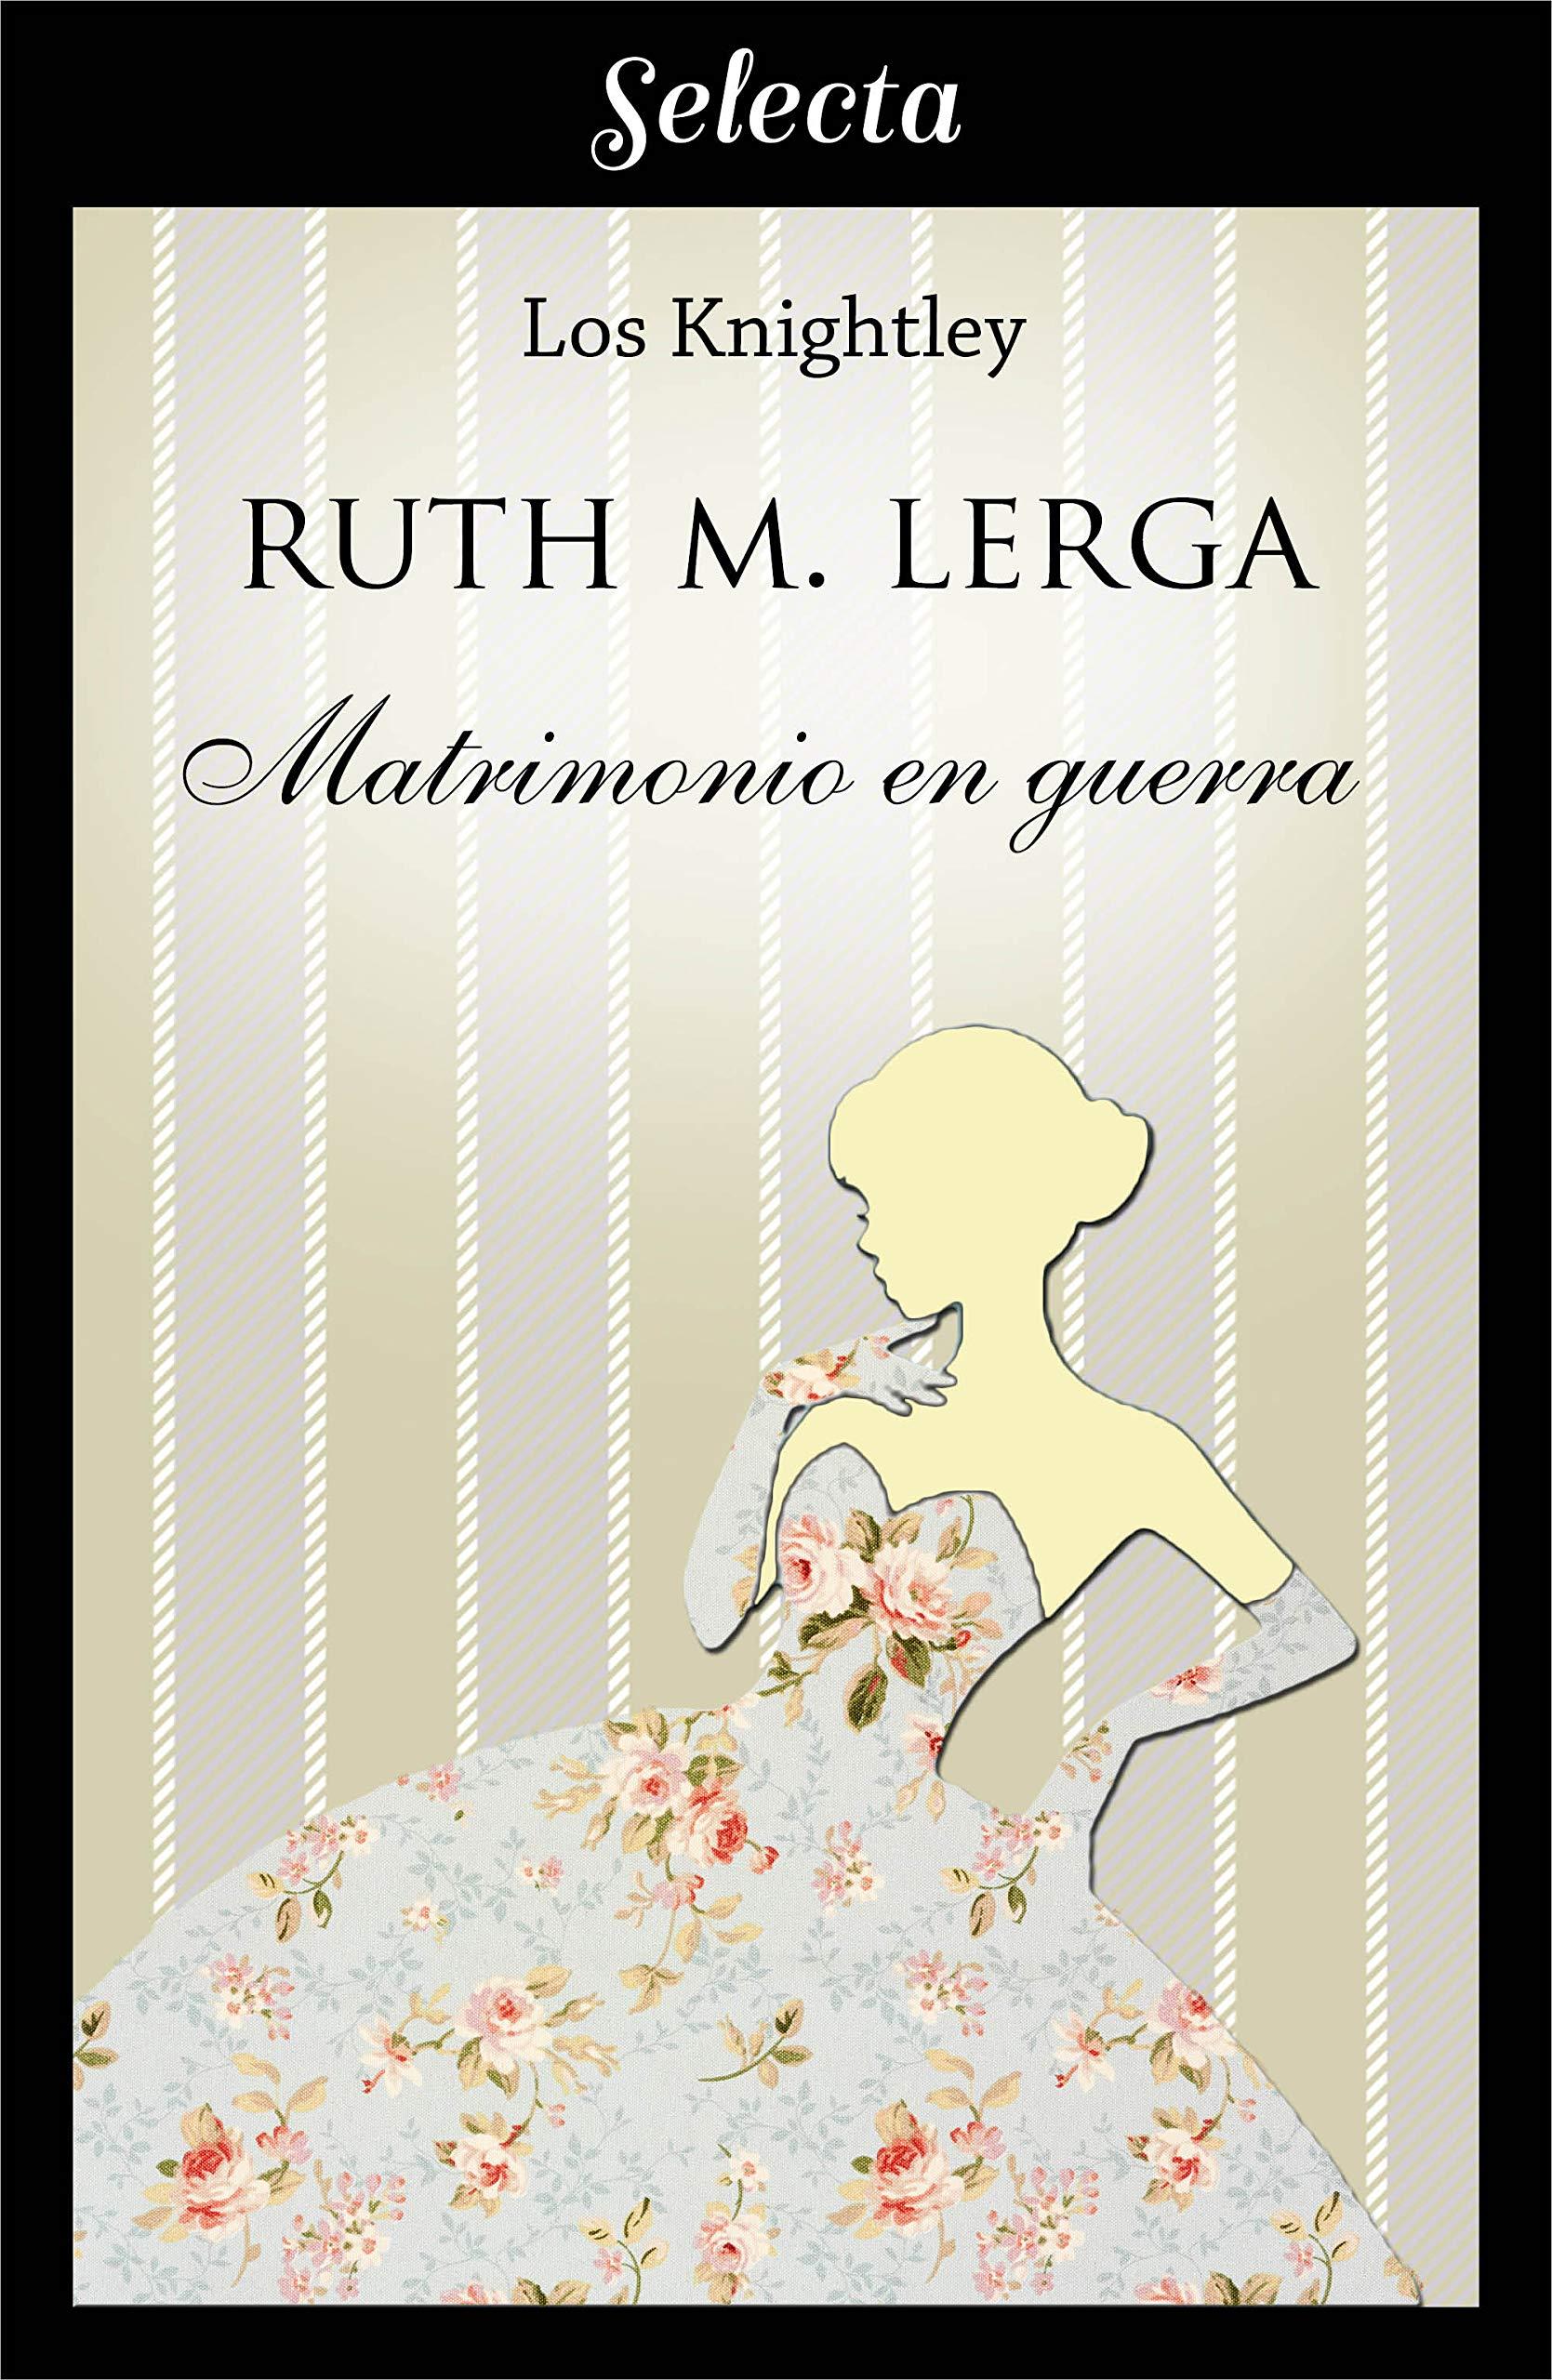 Matrimonio en guerra (Los Knightley 1) por Ruth M. Lerga